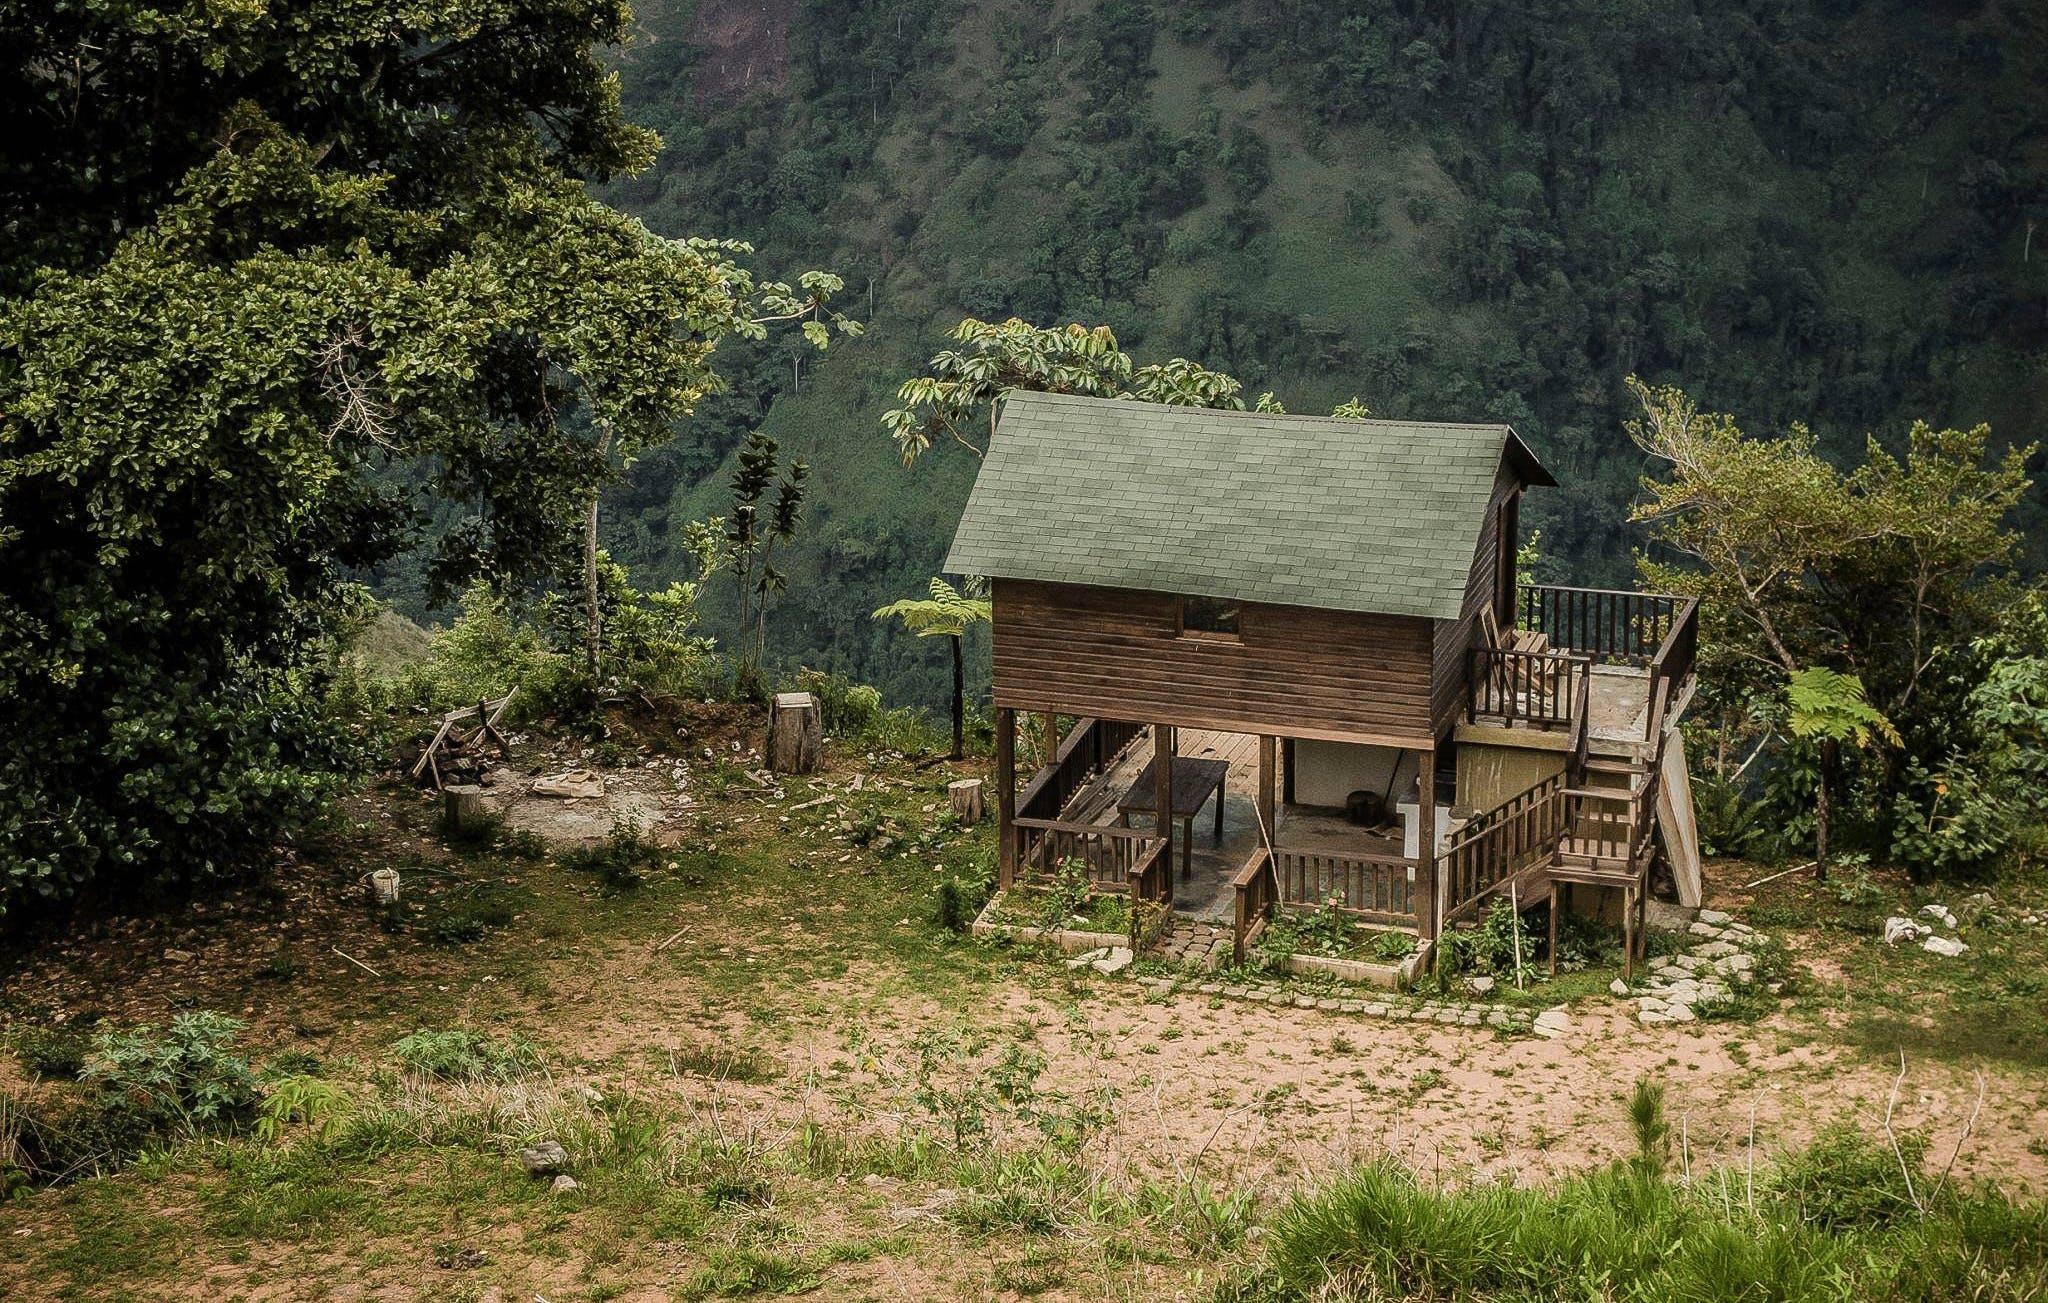 Kostnadsfri bild av bondgård, gräs, stuga, trä